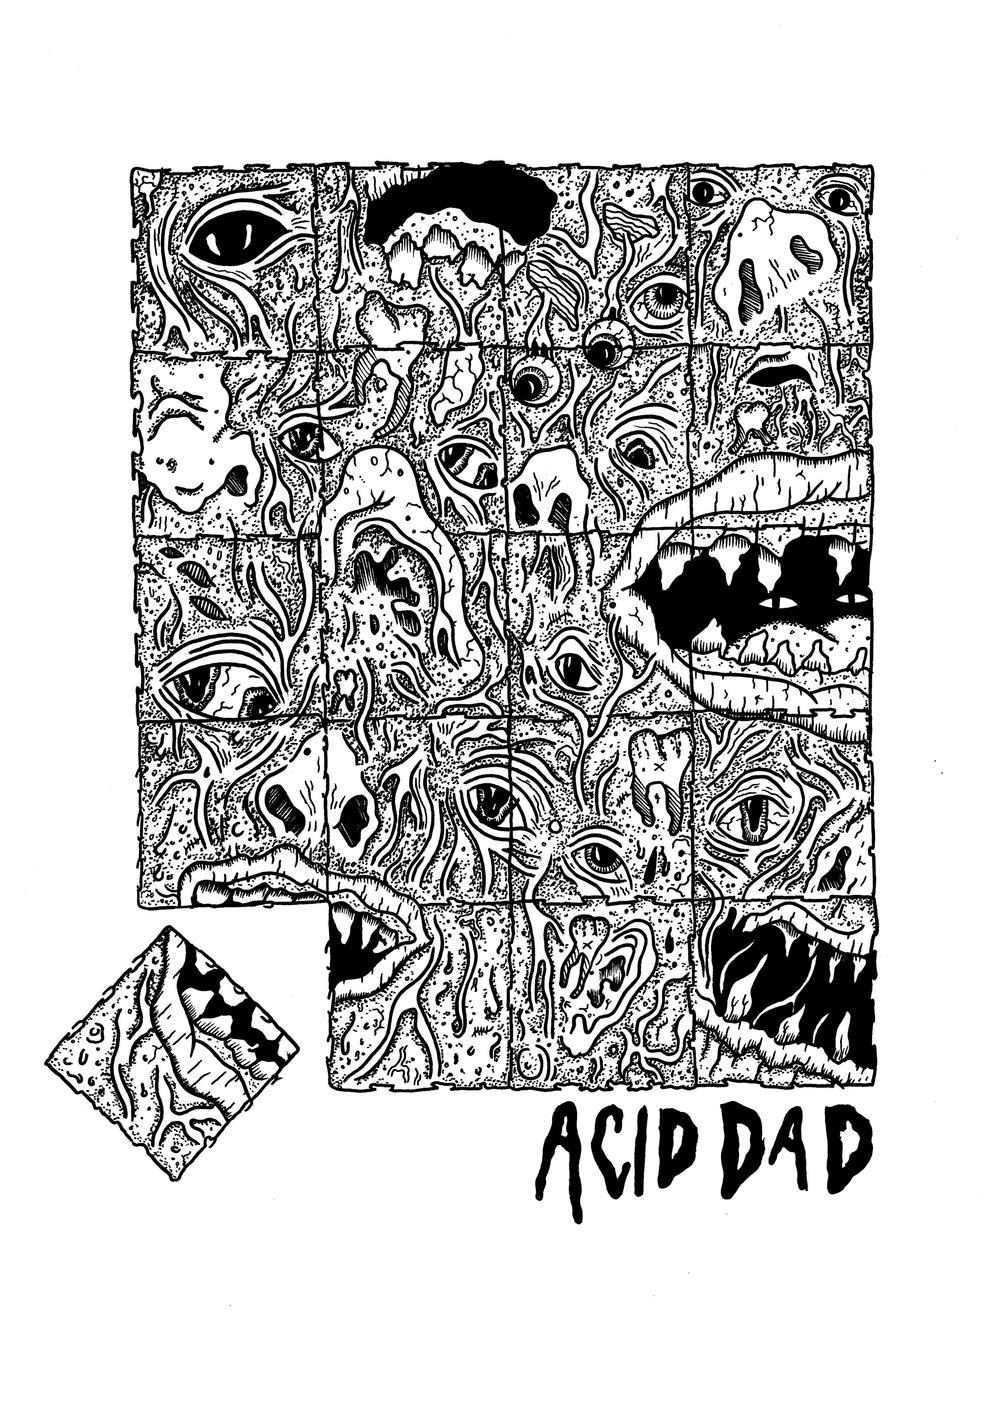 aciddadfinalhandwrit.jpg